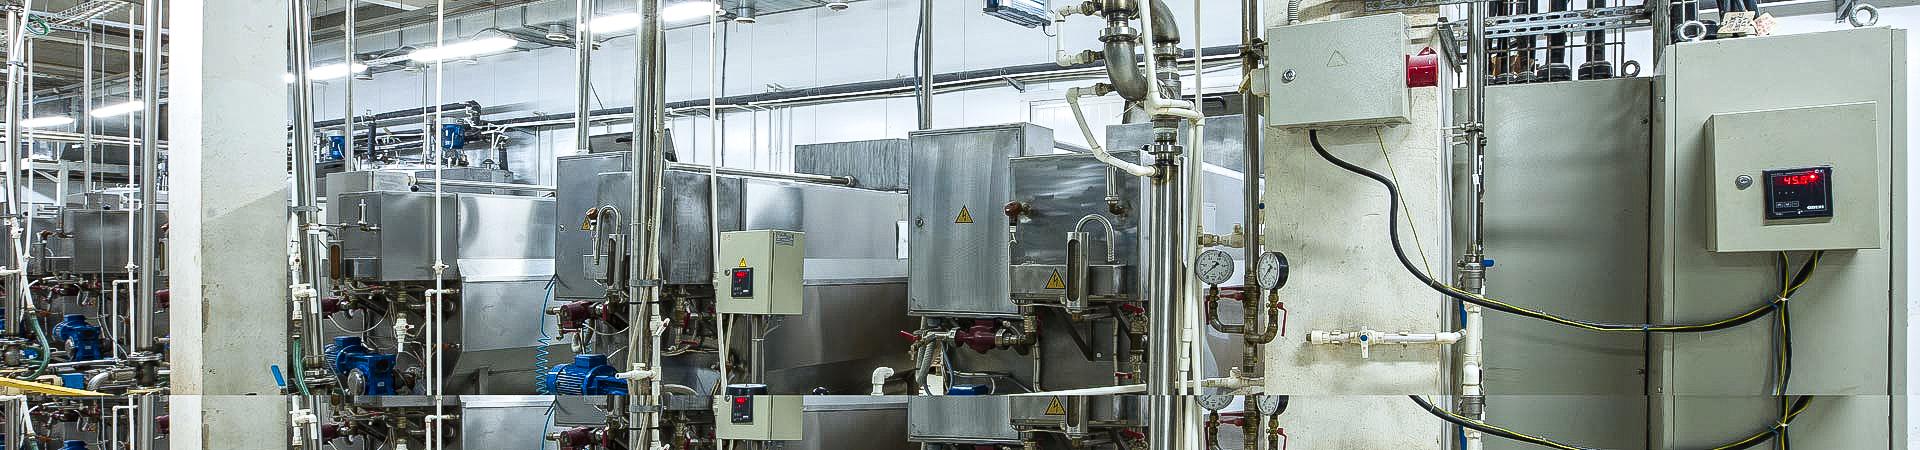 Produktionshallen - IBE Industrieservice